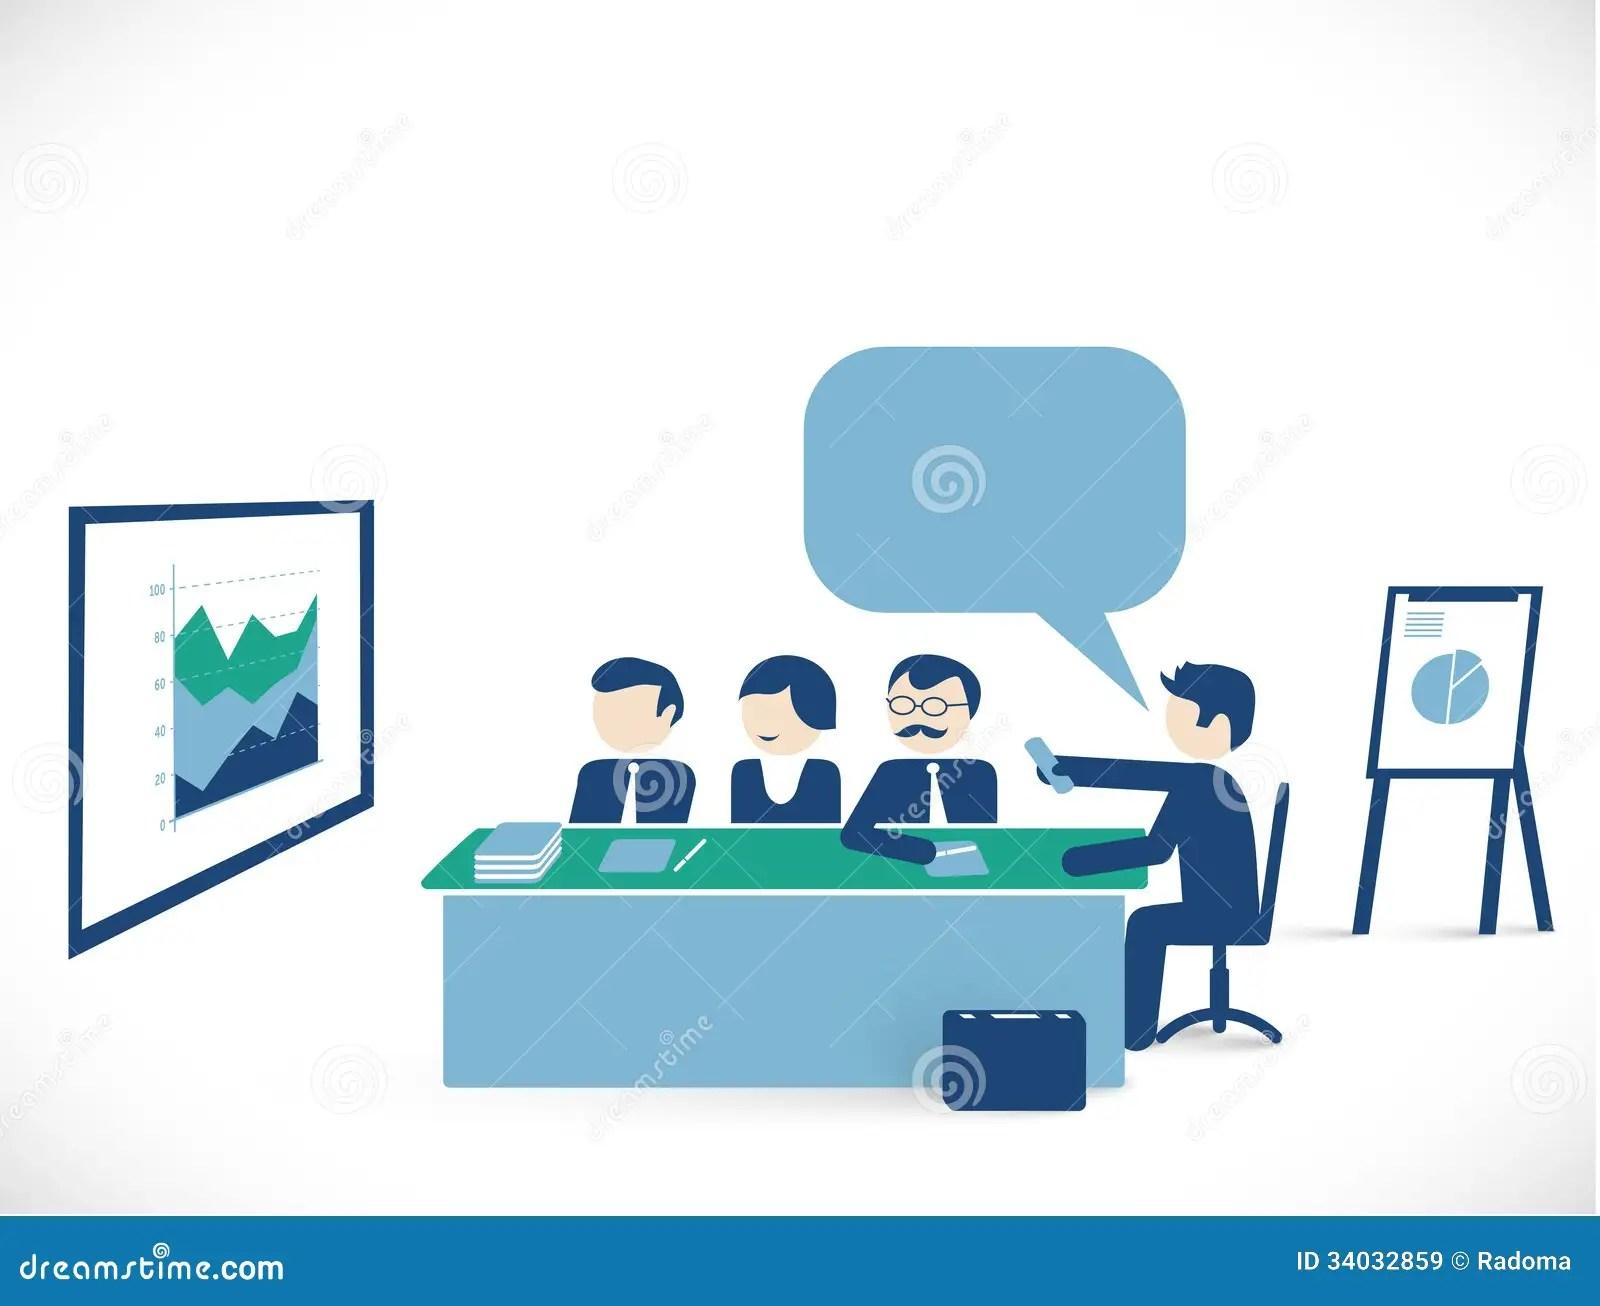 Talking Workplace